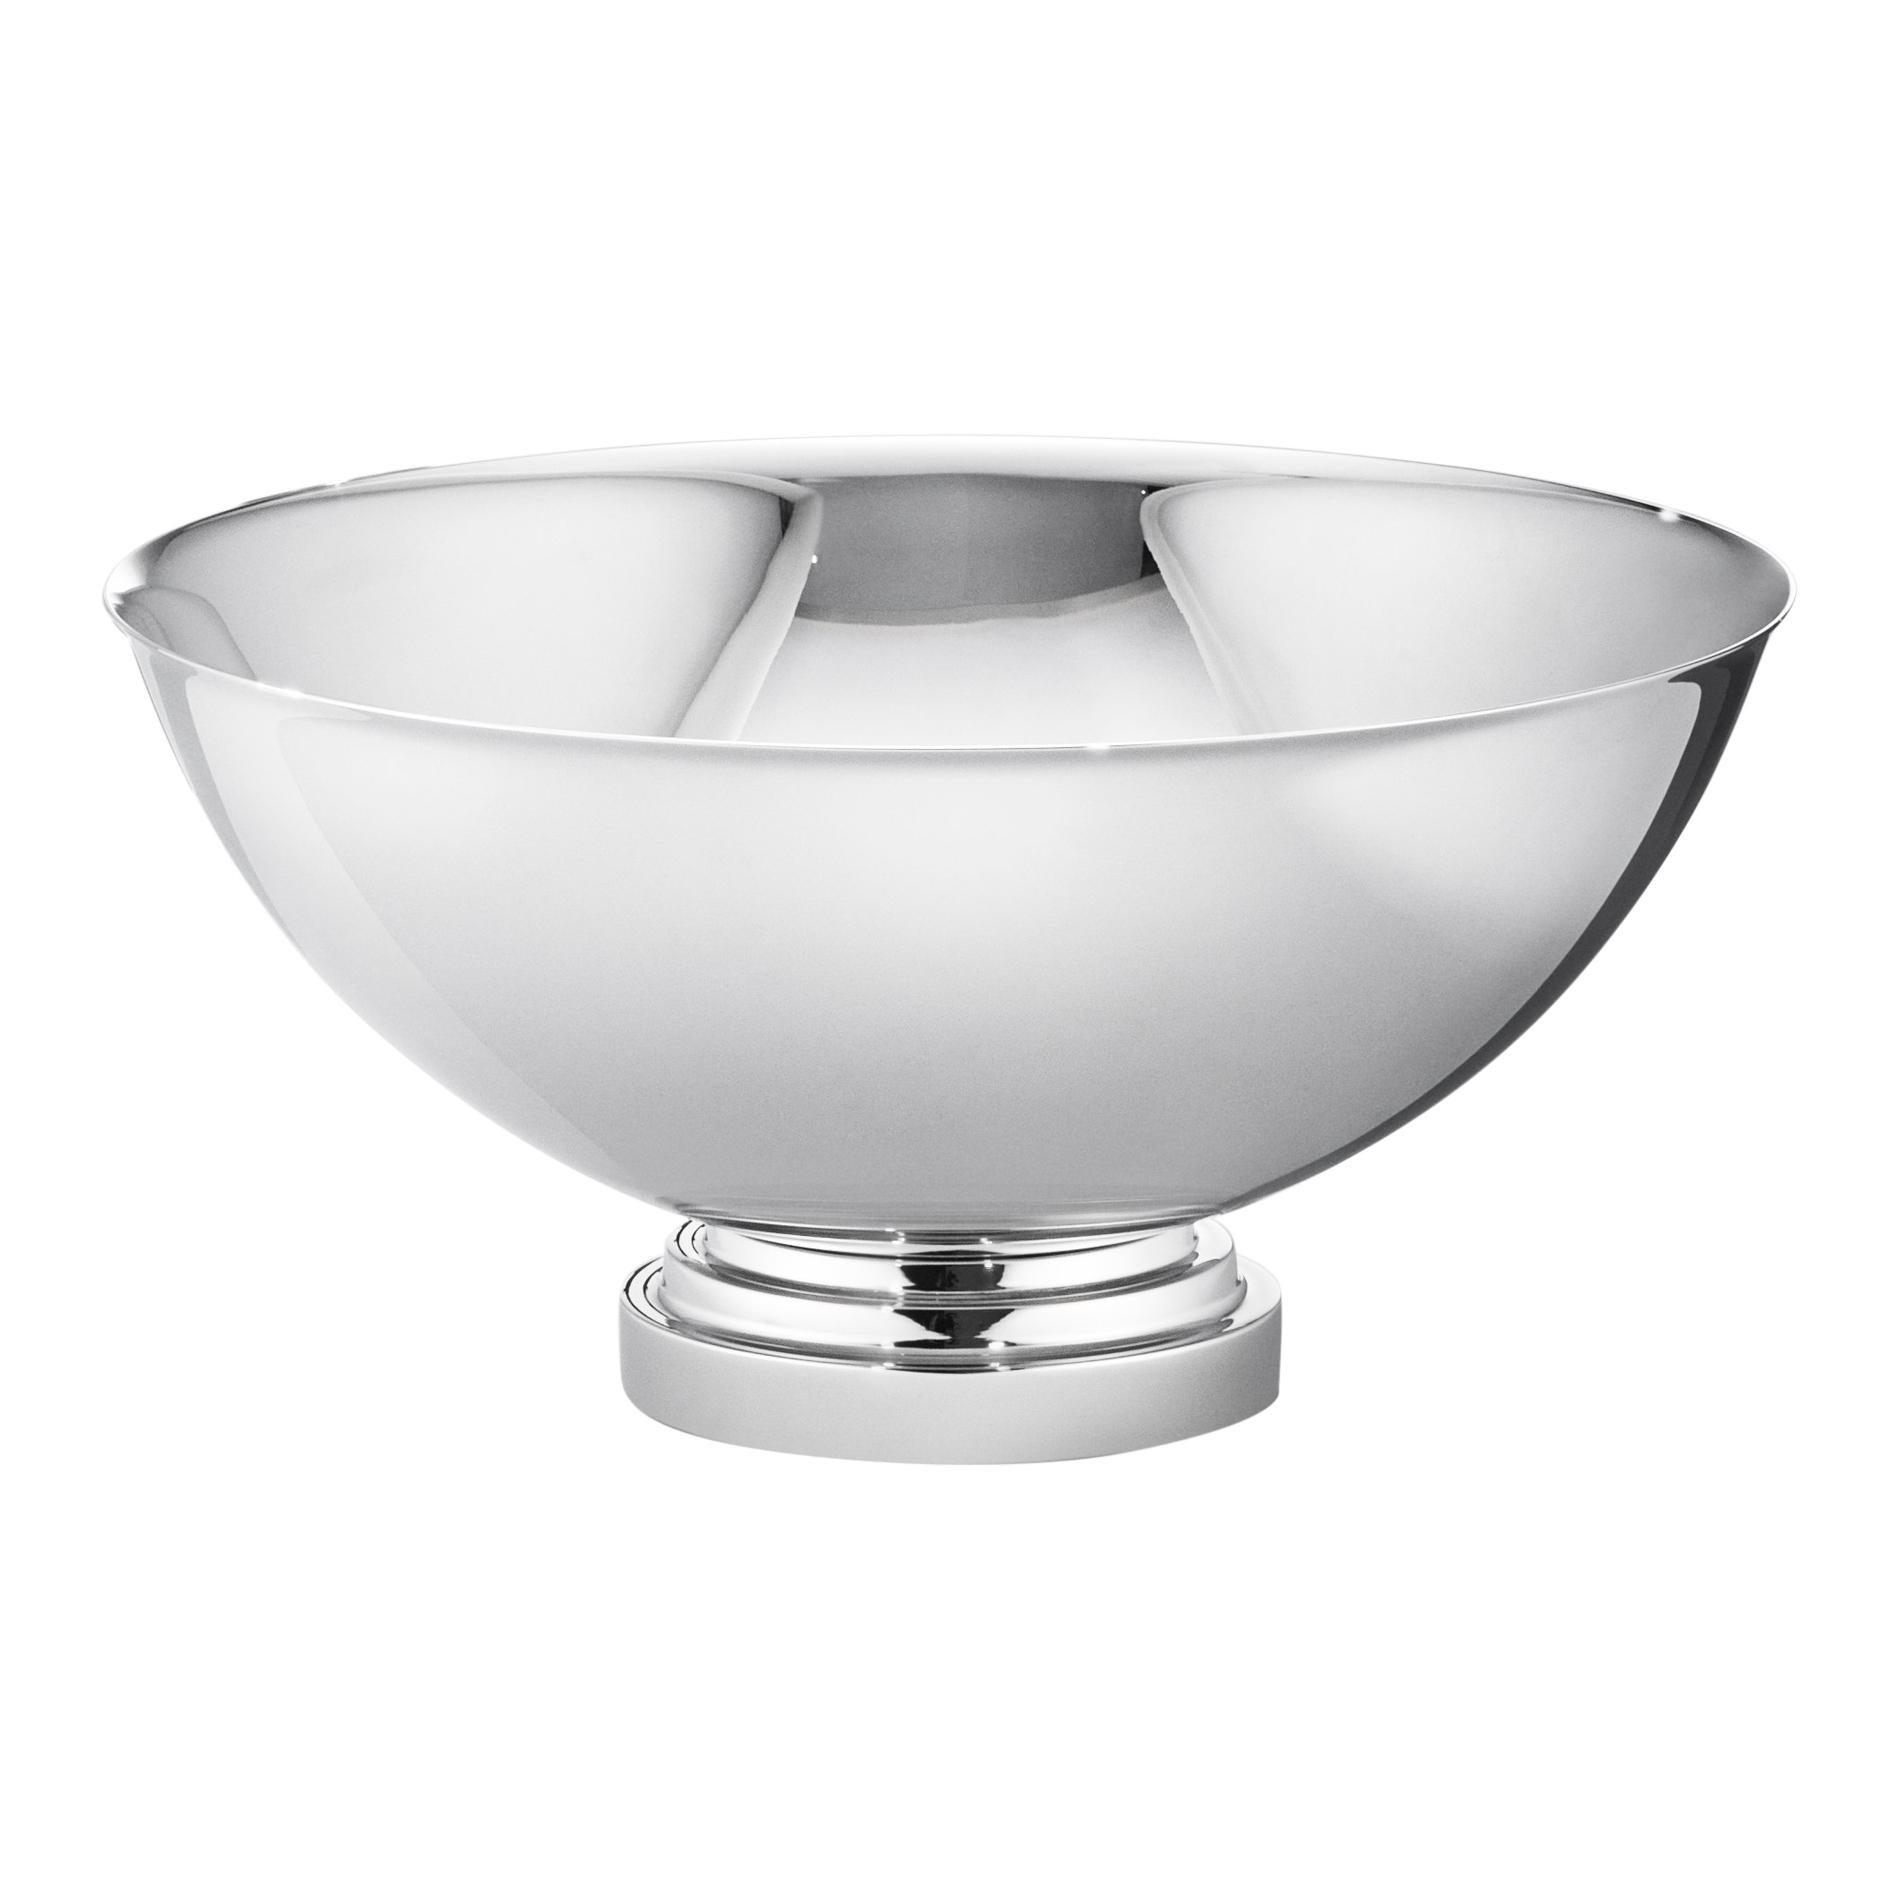 Manhattan Medium Bowl in Stainless Steel by Georg Jensen